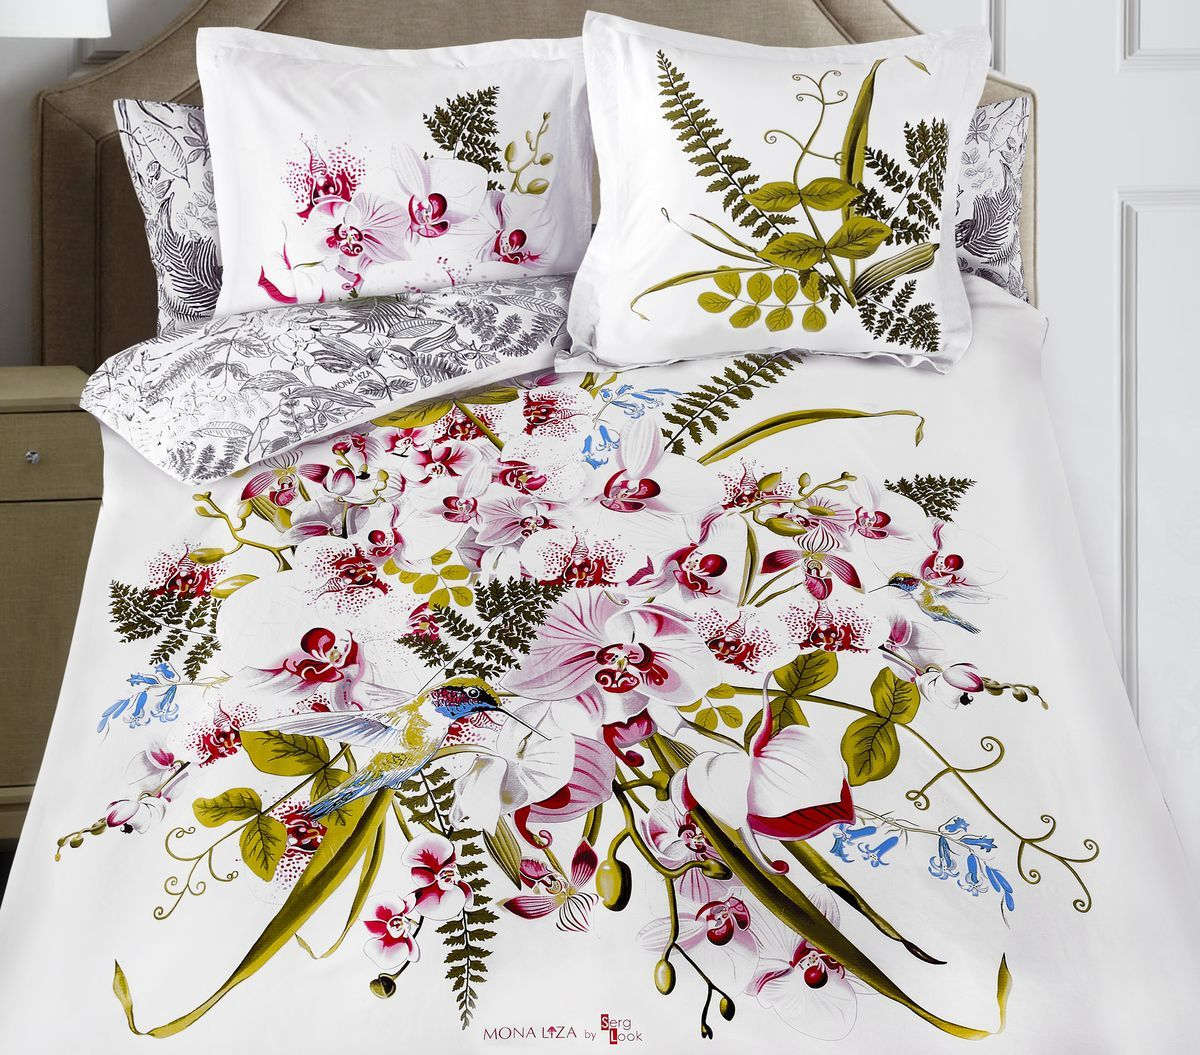 Комплект белья Mona Liza Orchid, евро, наволочки 50x70, 70x709/5Флоральные мотивы редких экзотических цветов, переведенные в паттерн, позаимствованы из путешествий по тропическим лесам, будоражат воображение природными сочетаниями цветовых палитр и роскошью принтов. Коллекция принесет в ваш дом незабываемое настроение и добавит колорит. Высококачественный сатин окутает и позволит раствориться в мечтах о дальних жарких странах и окунуться во время вечного лета!